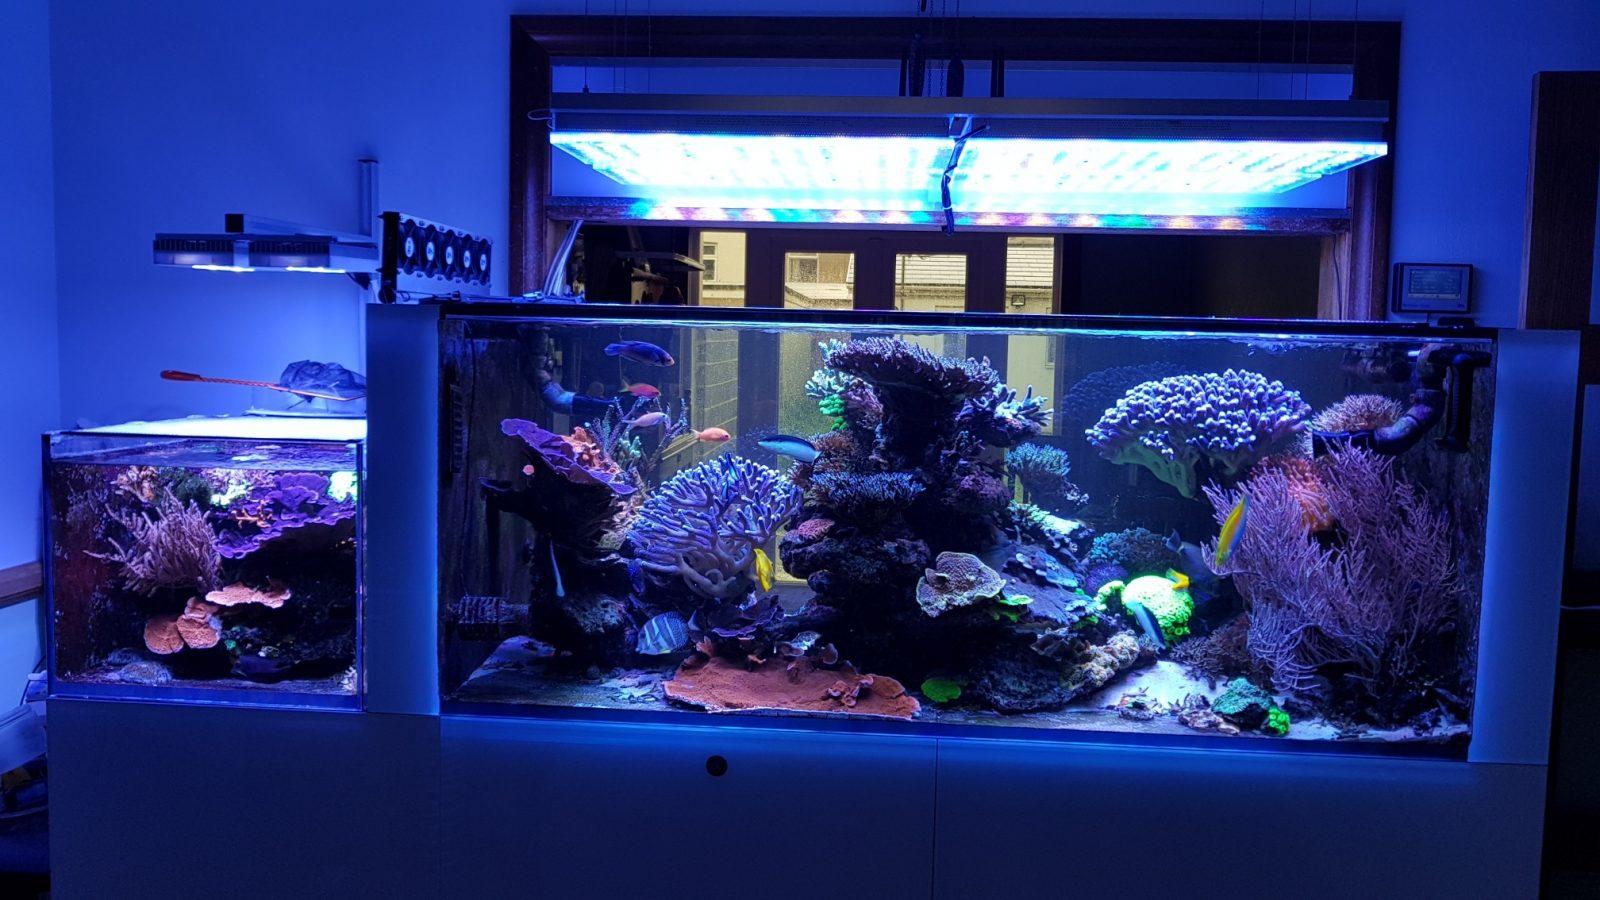 2020 miglior acquario di barriera corallina con illuminazione a LED